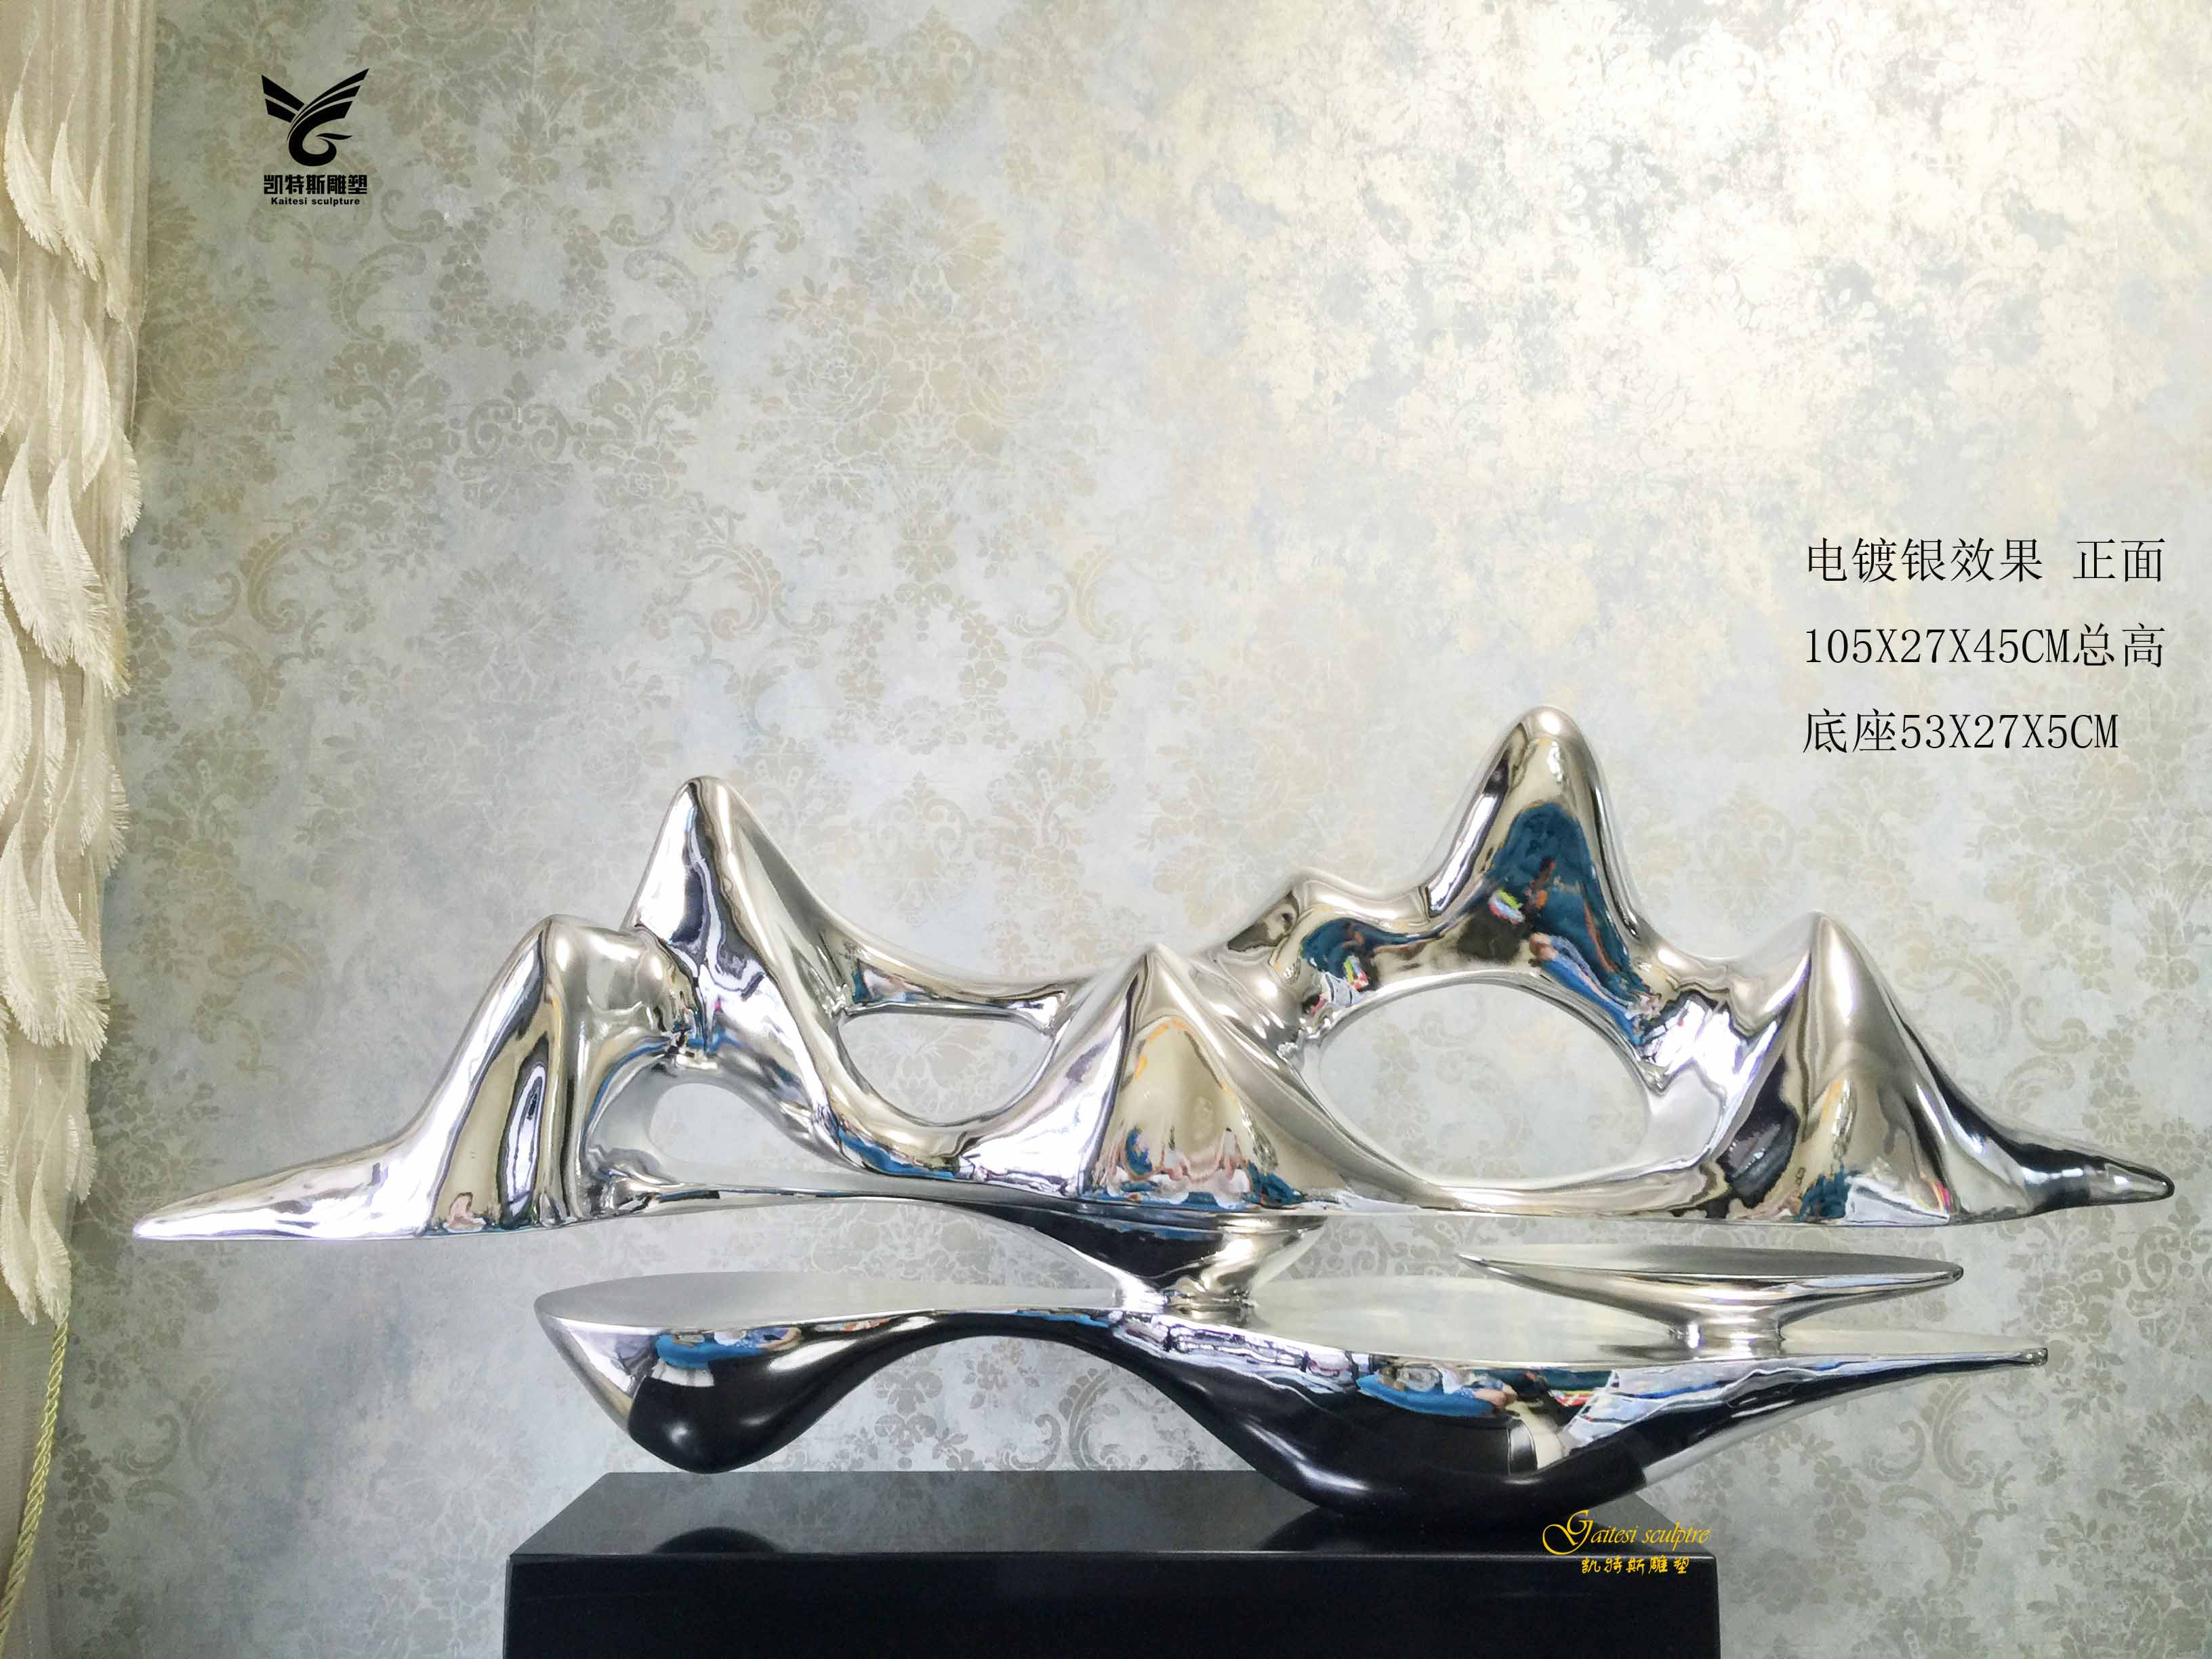 Цвет: Серебро, гальваническое 105x20x50cm